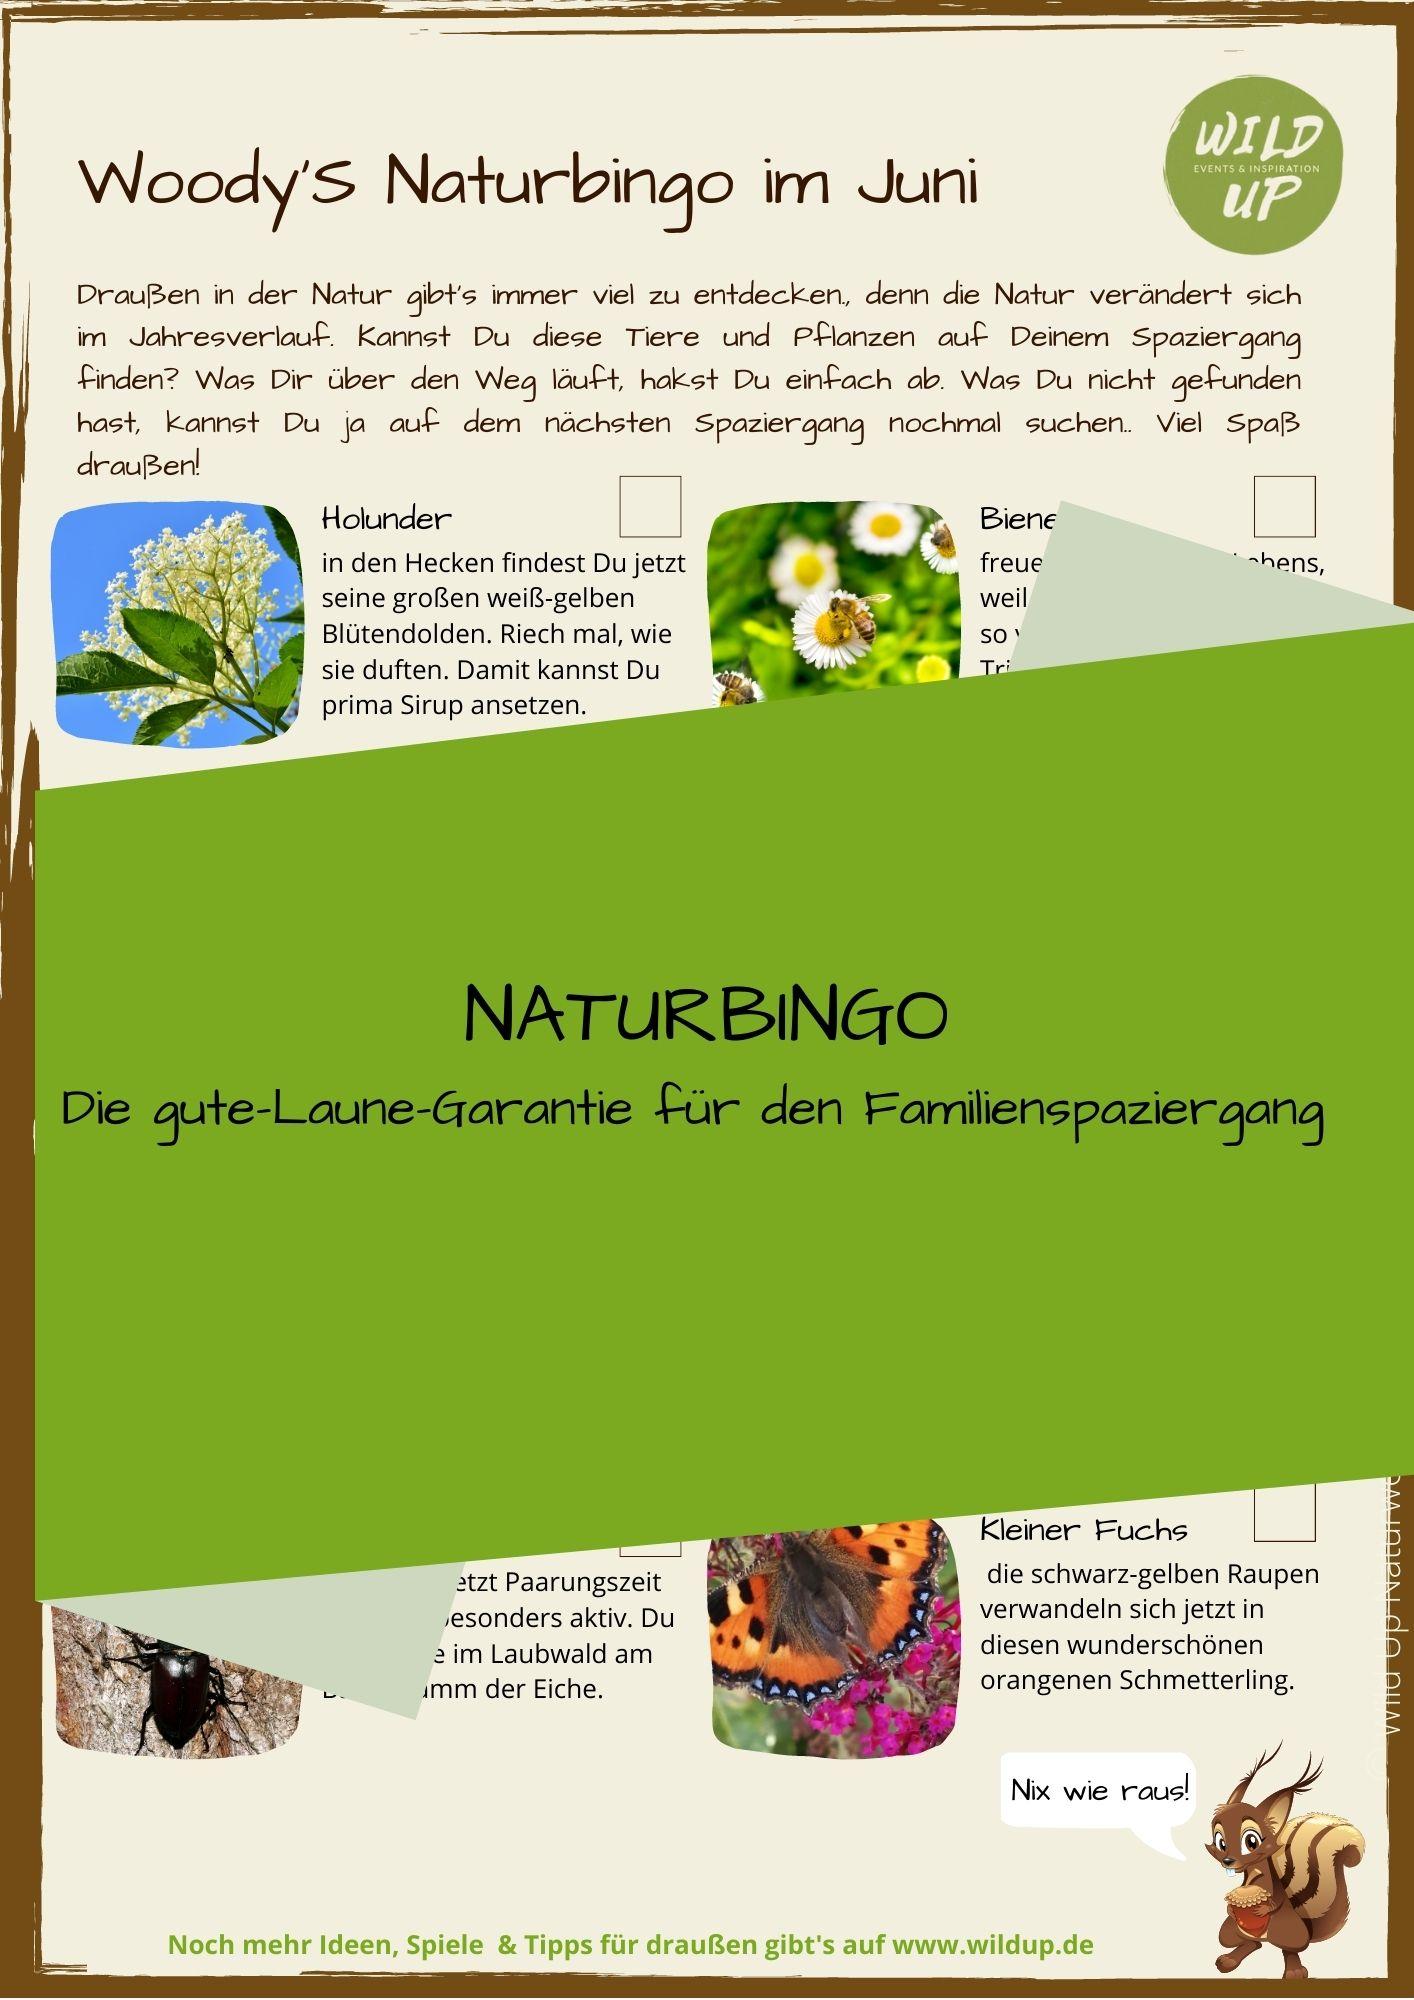 Natur spielerisch entdecken im Juni